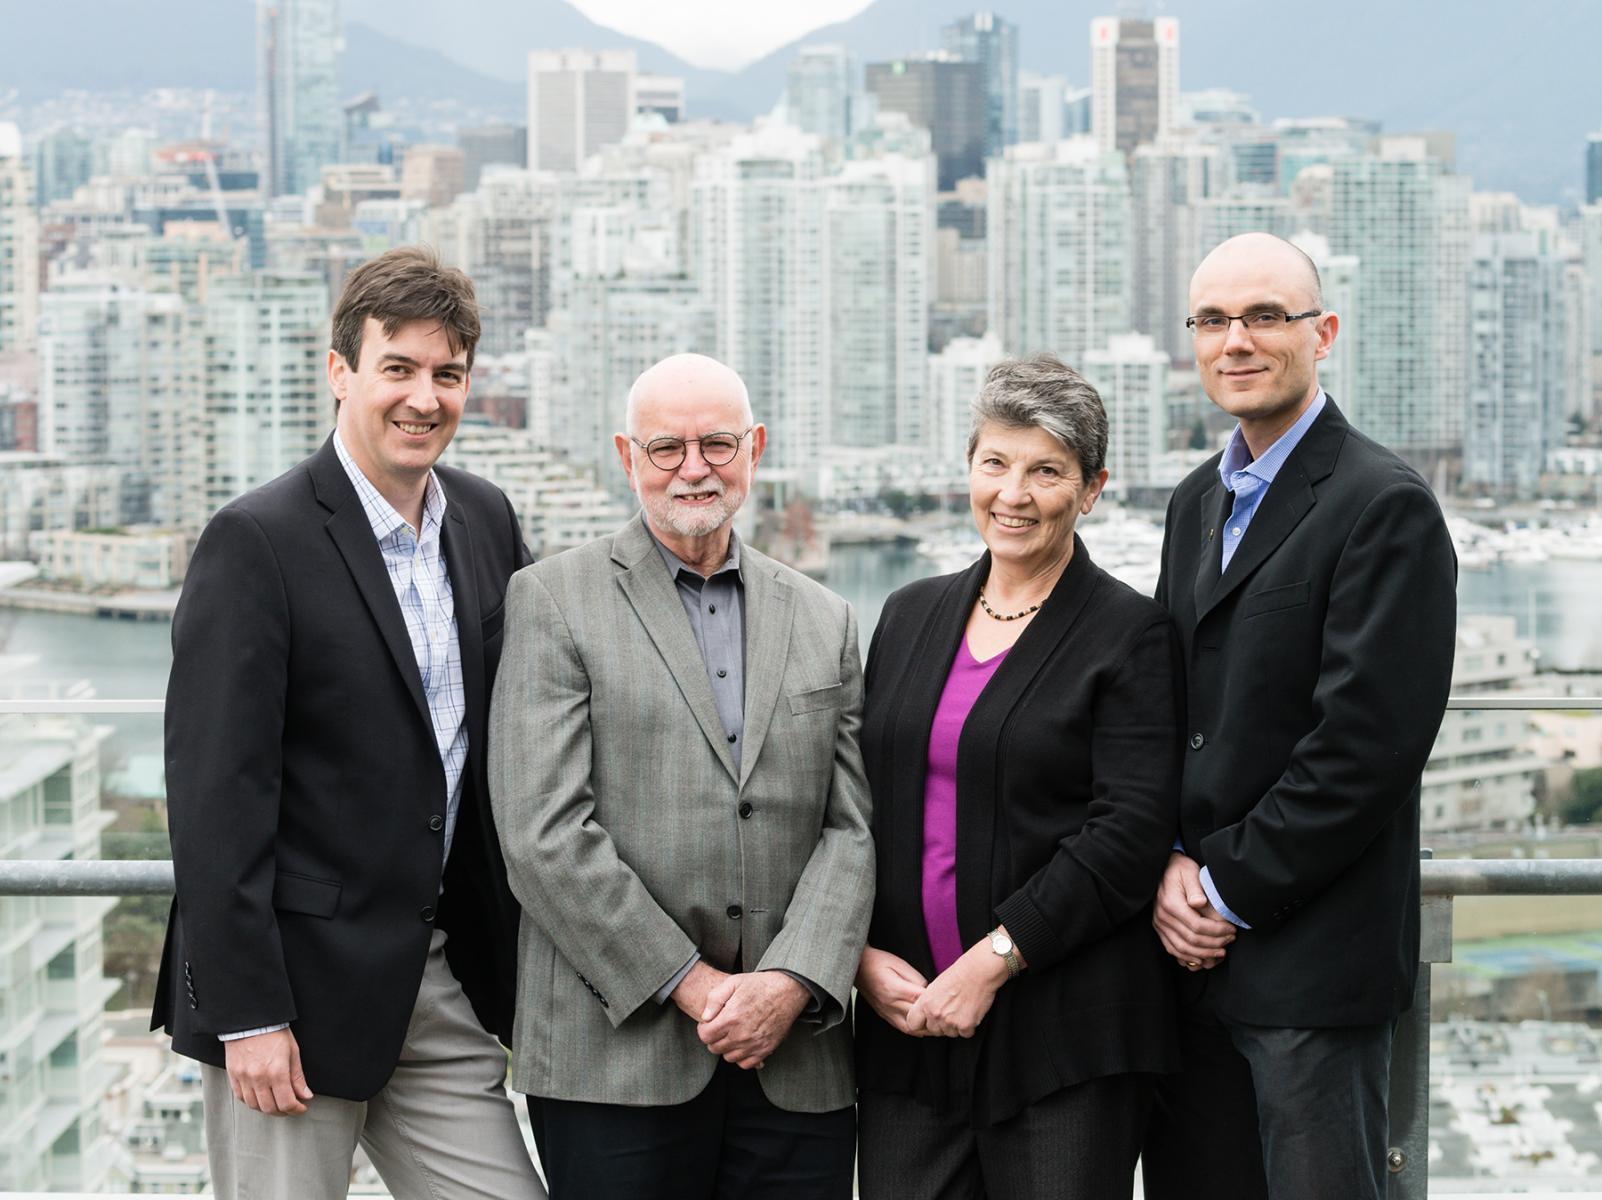 Dr. François Bénard (The University of British Columbia), Dr. Thomas J. Ruth (TRIUMF), Dr. Anna Celler (The University of British Columbia), Dr. Paul Schaffer (TRIUMF)